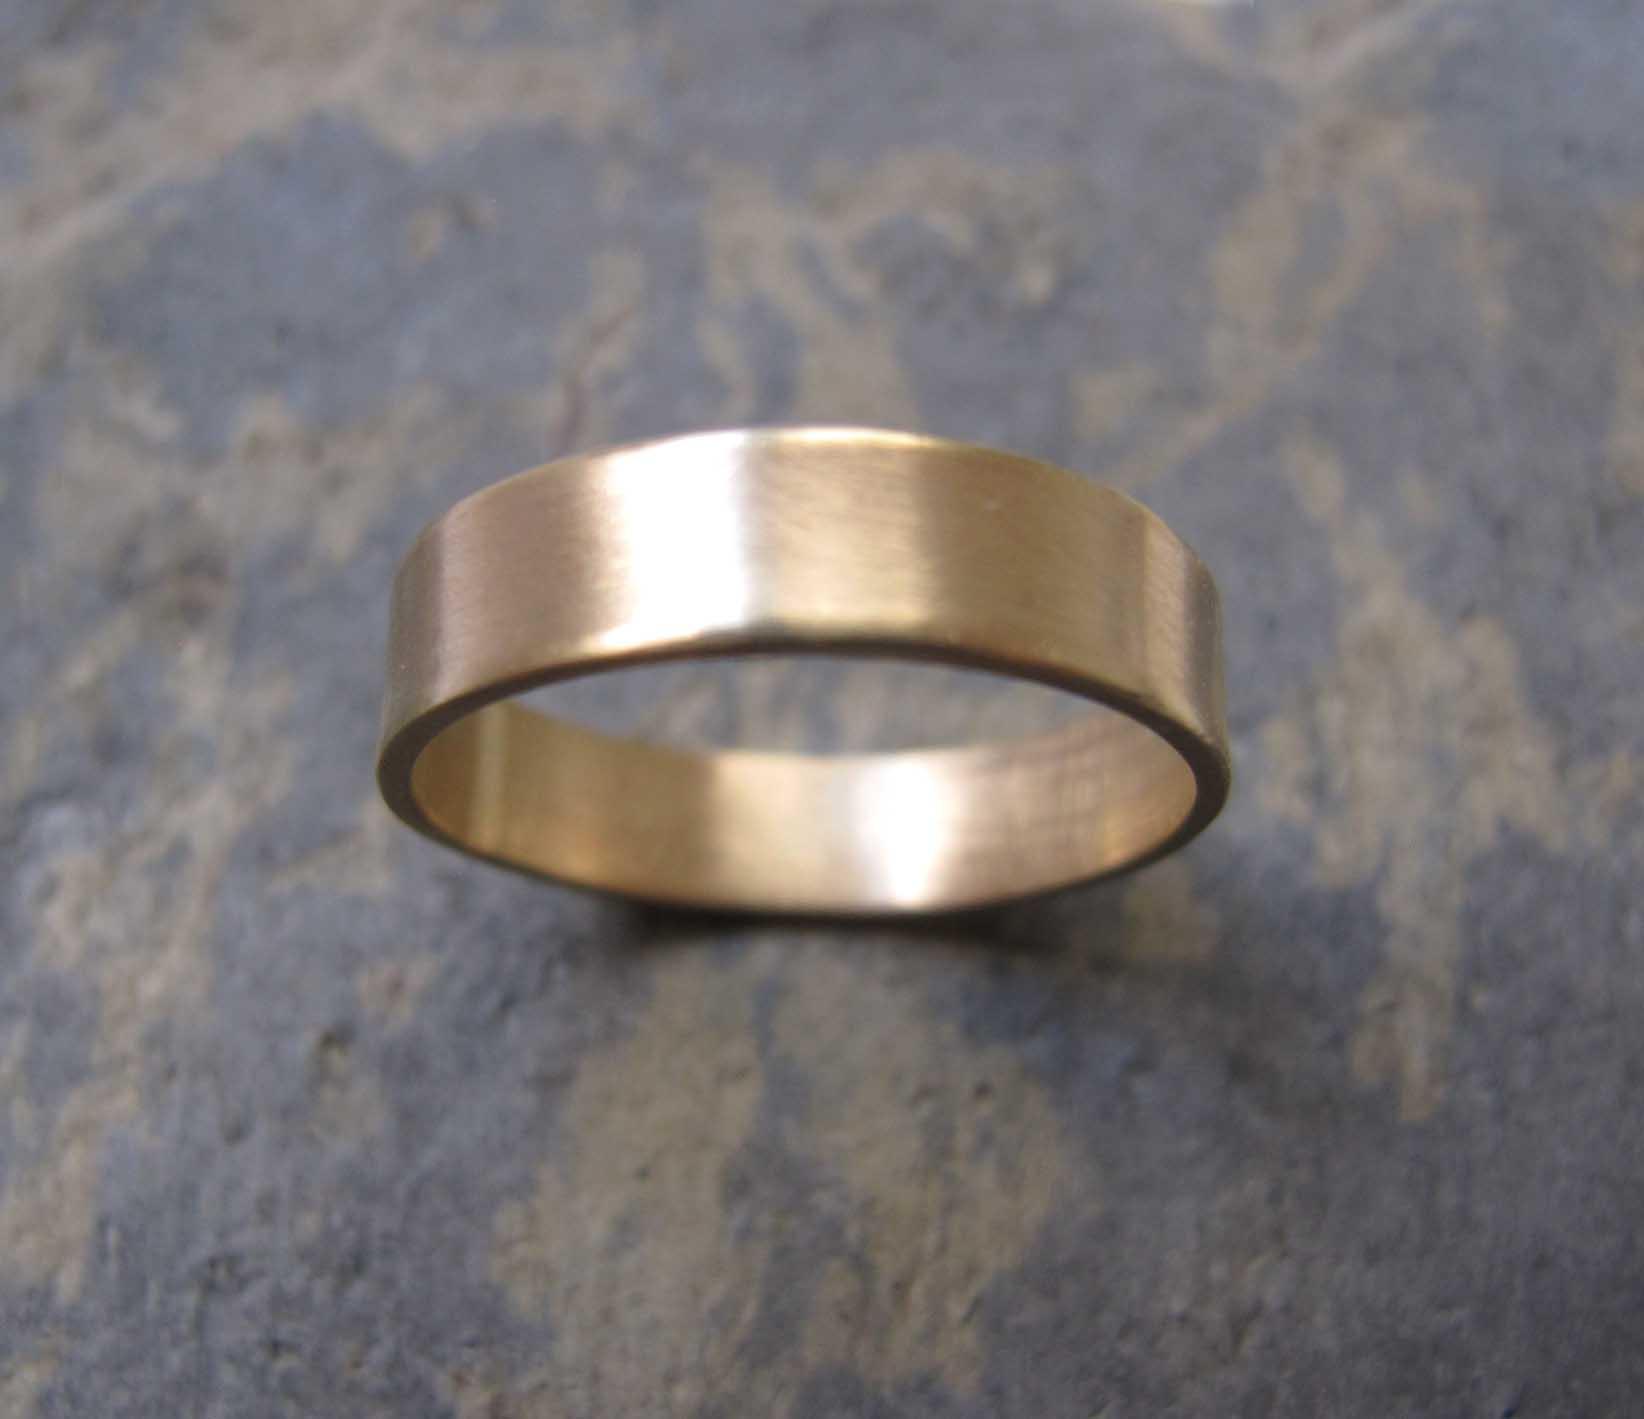 9931a3523c1bb Handmade men's gold wedding rings London | London's Artist Quarter